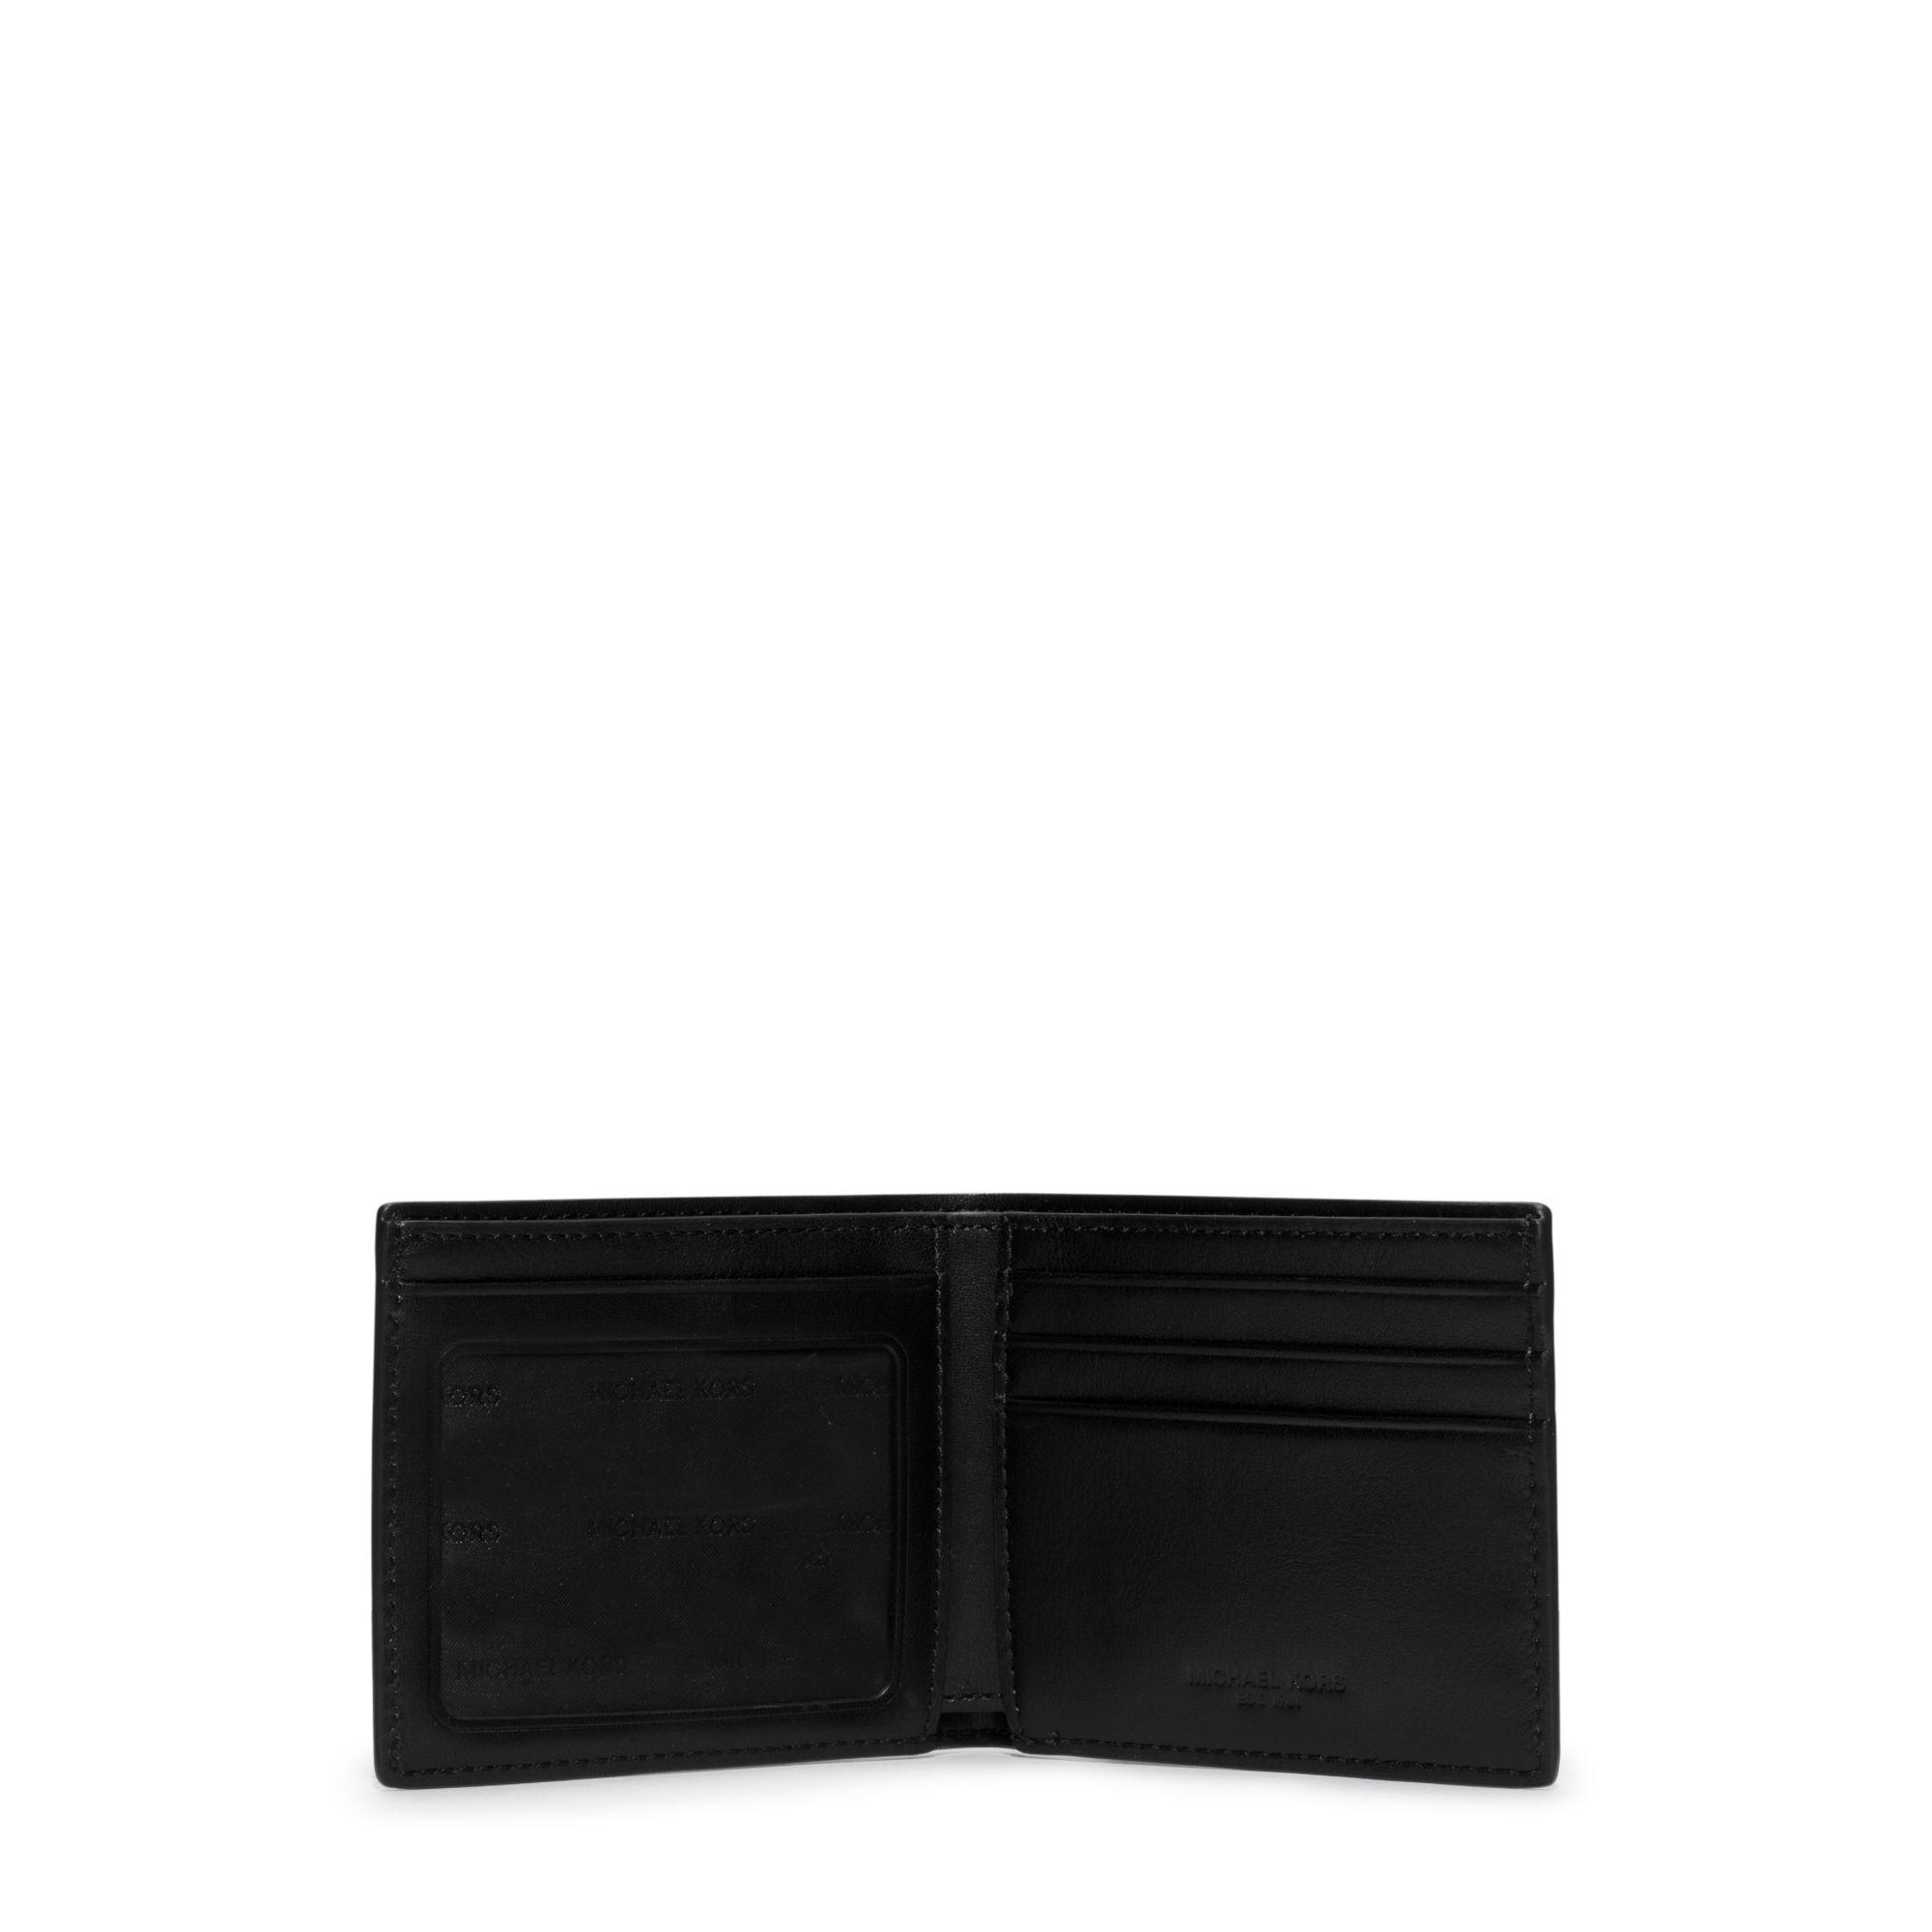 fafa59088a32 Lyst - Michael Kors Jet Set Logo Id Billfold Wallet in Black for Men